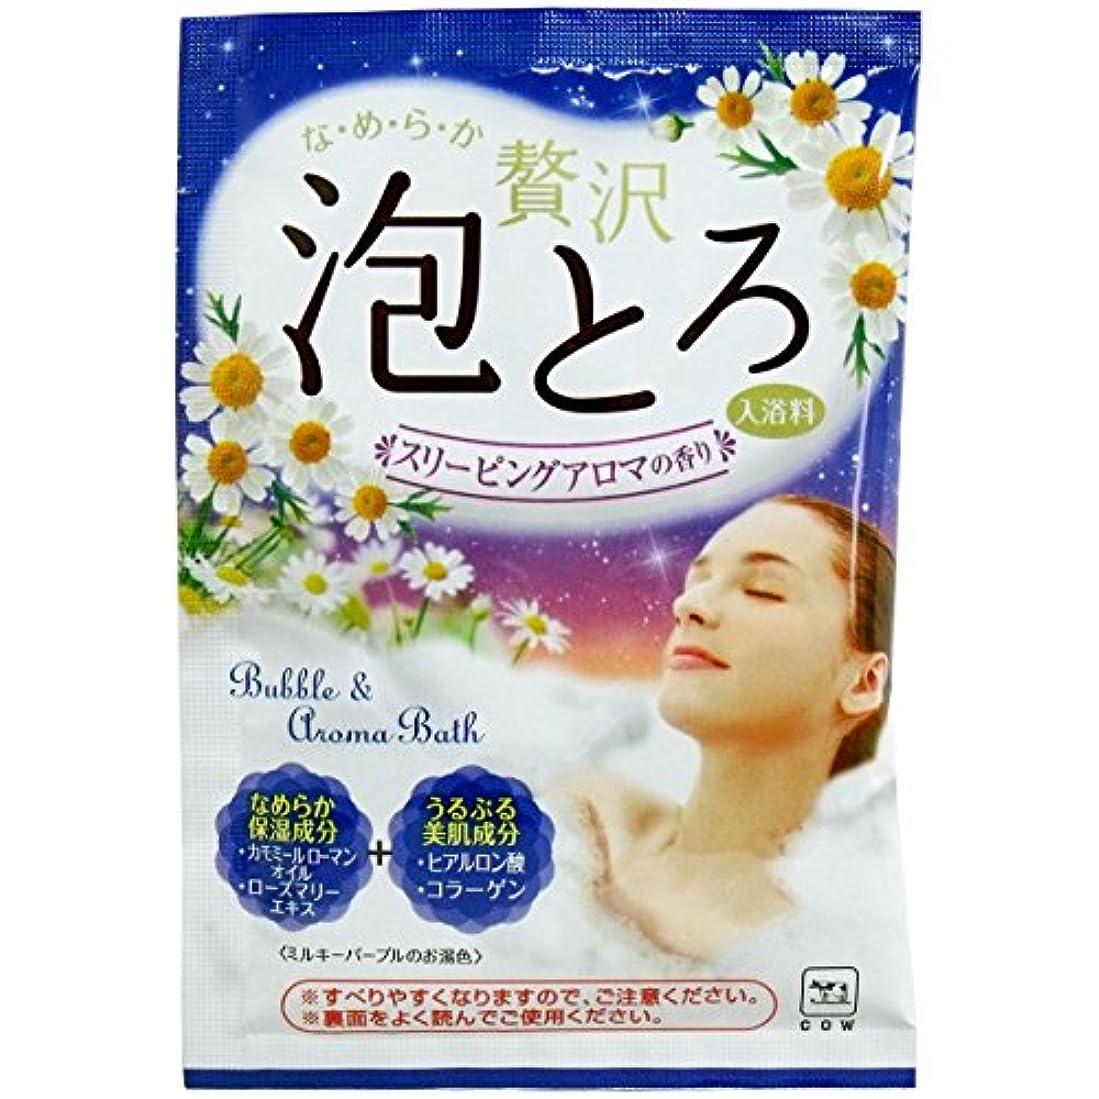 カーテンわずらわしい直接(まとめ買い)お湯物語 贅沢泡とろ入浴料 スリーピングアロマの香り 30g×15セット